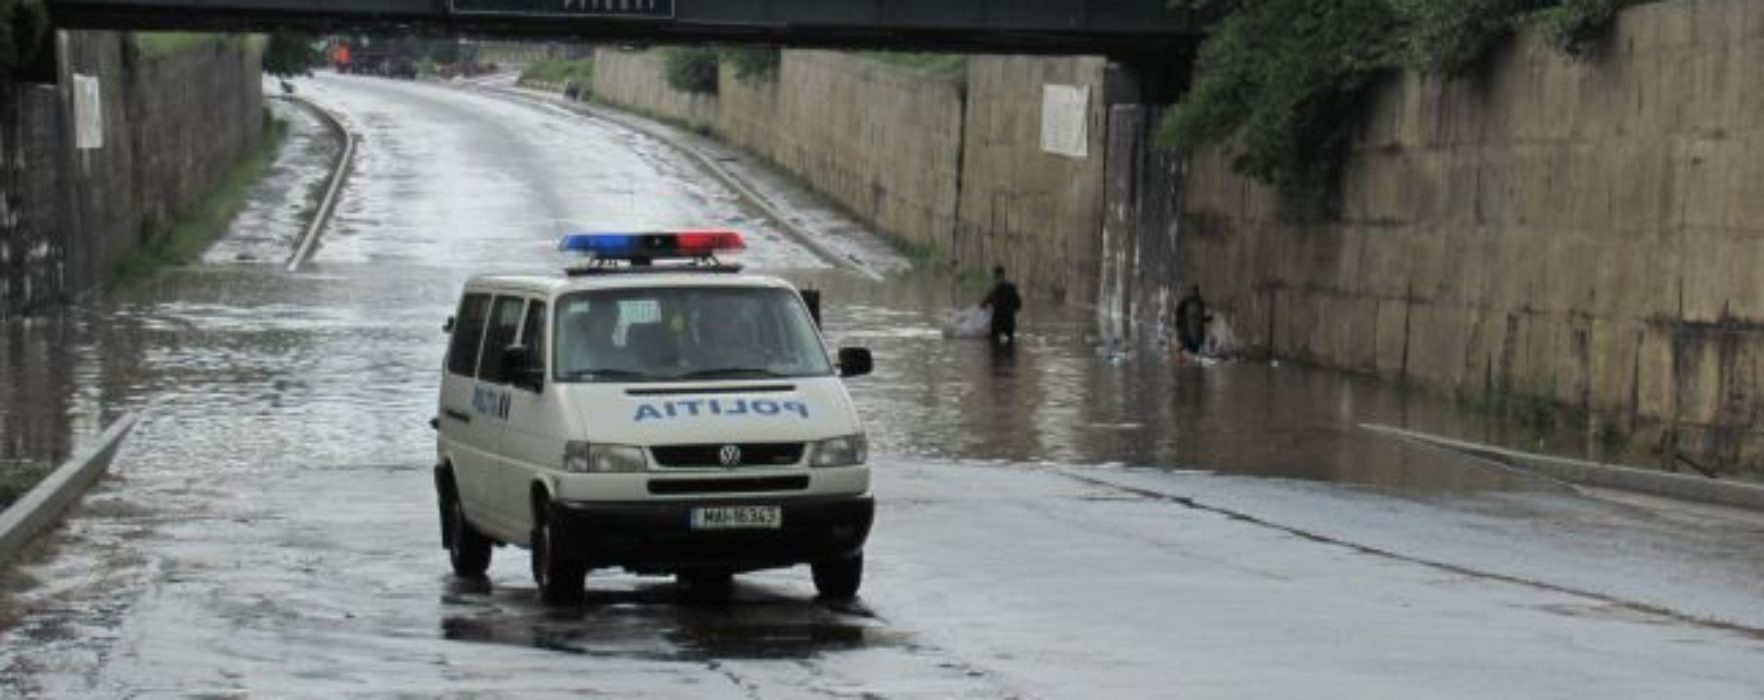 Dâmboviţa: Pasaj rutier de la ieşirea din Târgovişte, inundat în urma precipitaţiilor; circulaţia deviată